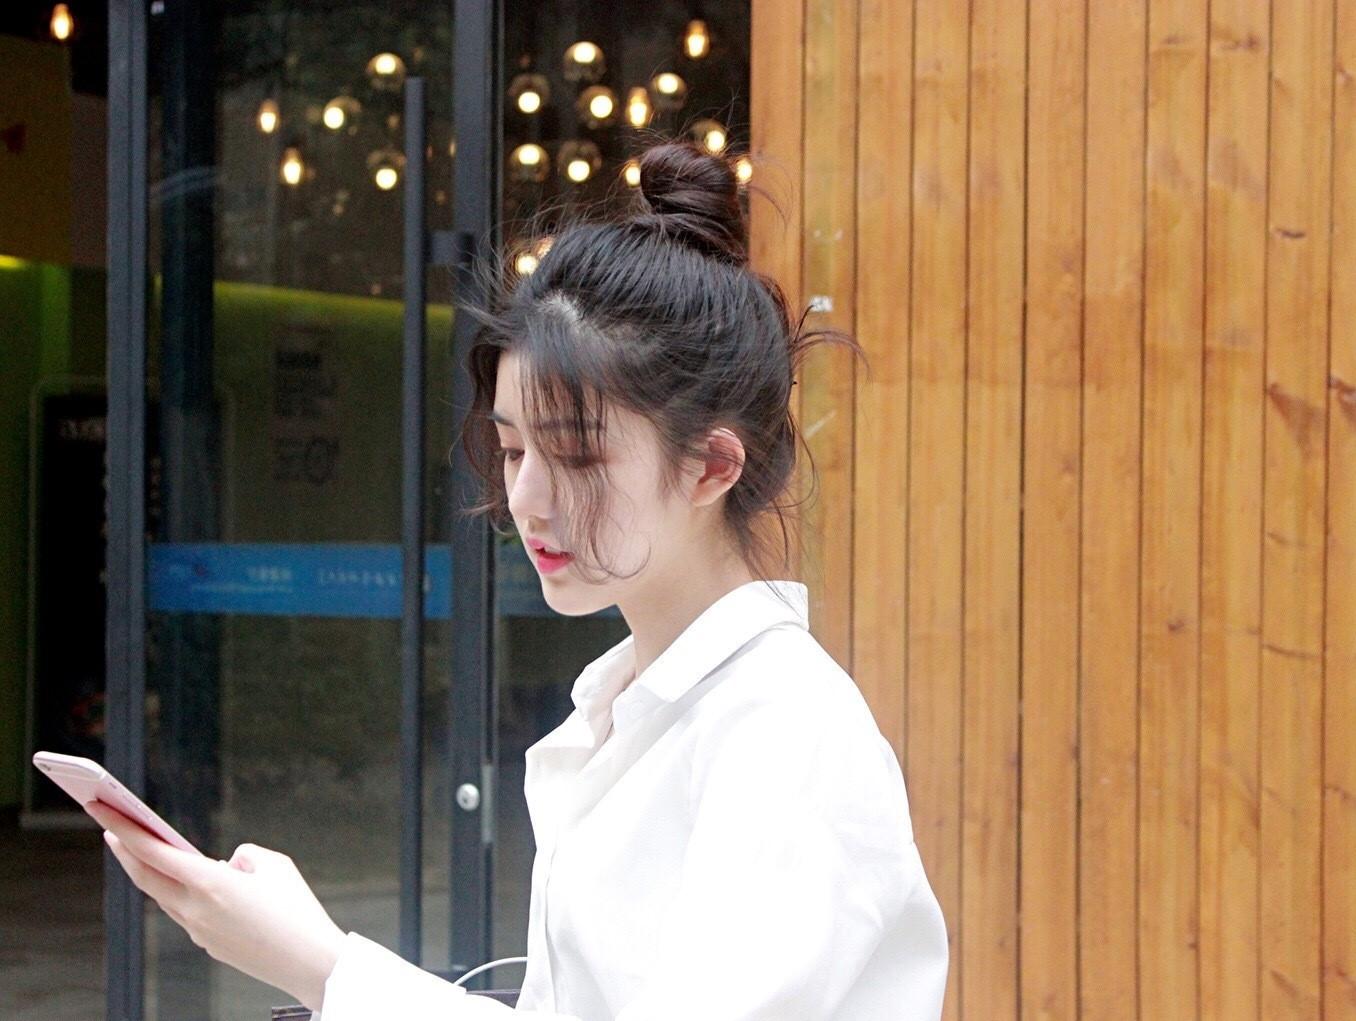 Sao Trẻ: Quá xinh đẹp, cô bạn Trung Quốc khiến các chàng trai thi nhau